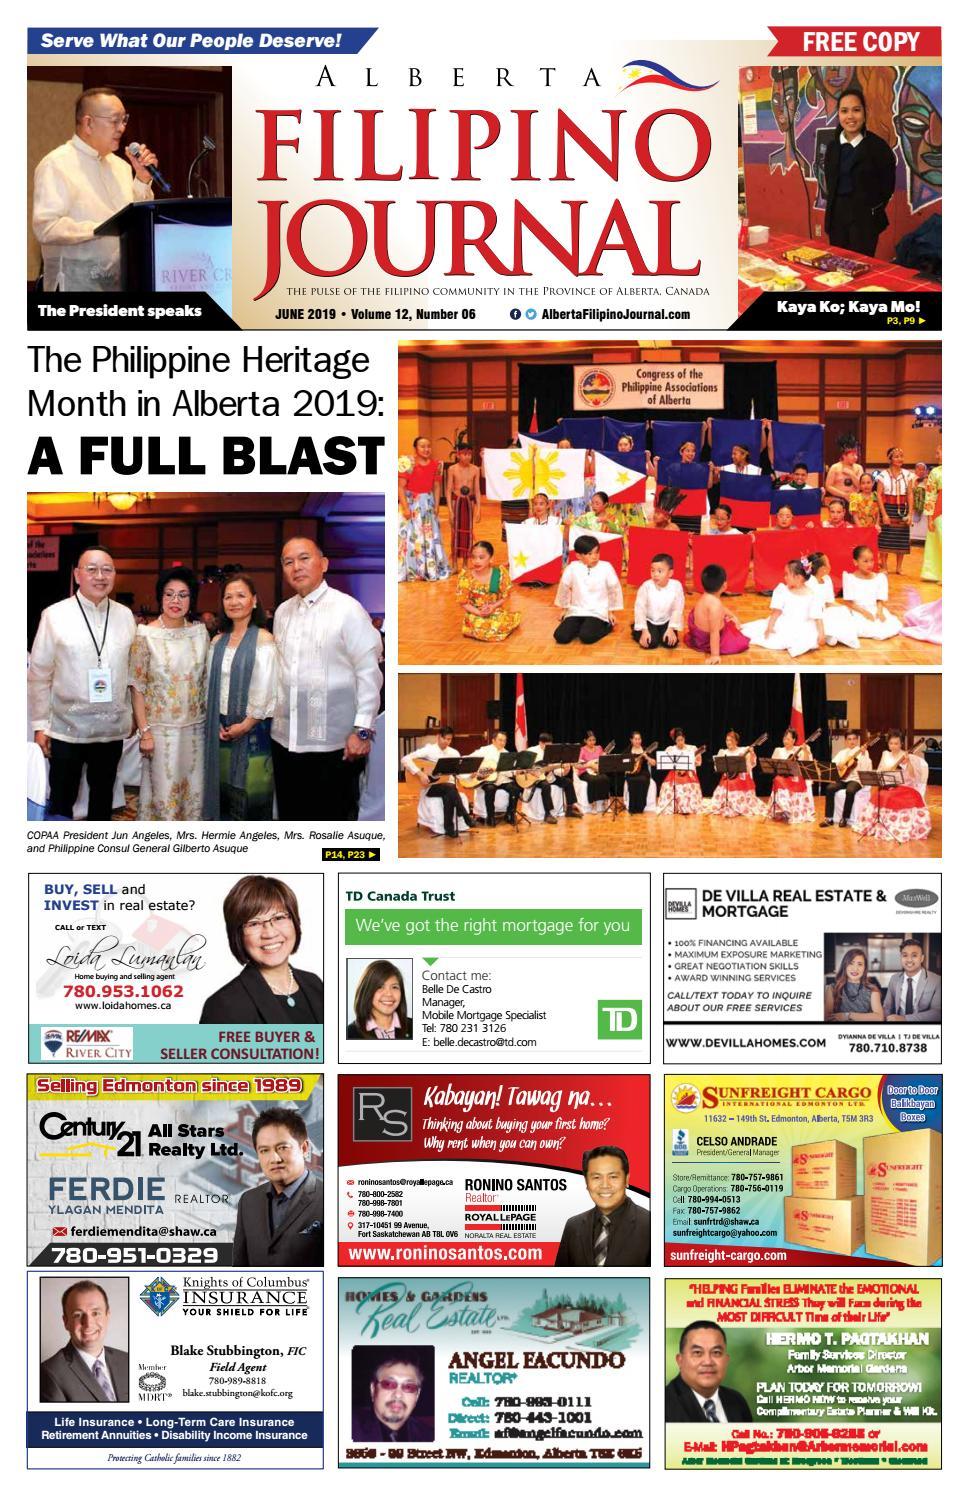 Ang Kapitbahay 2003 Tagalog Movie alberta filipino journal - june 2019 issuealberta